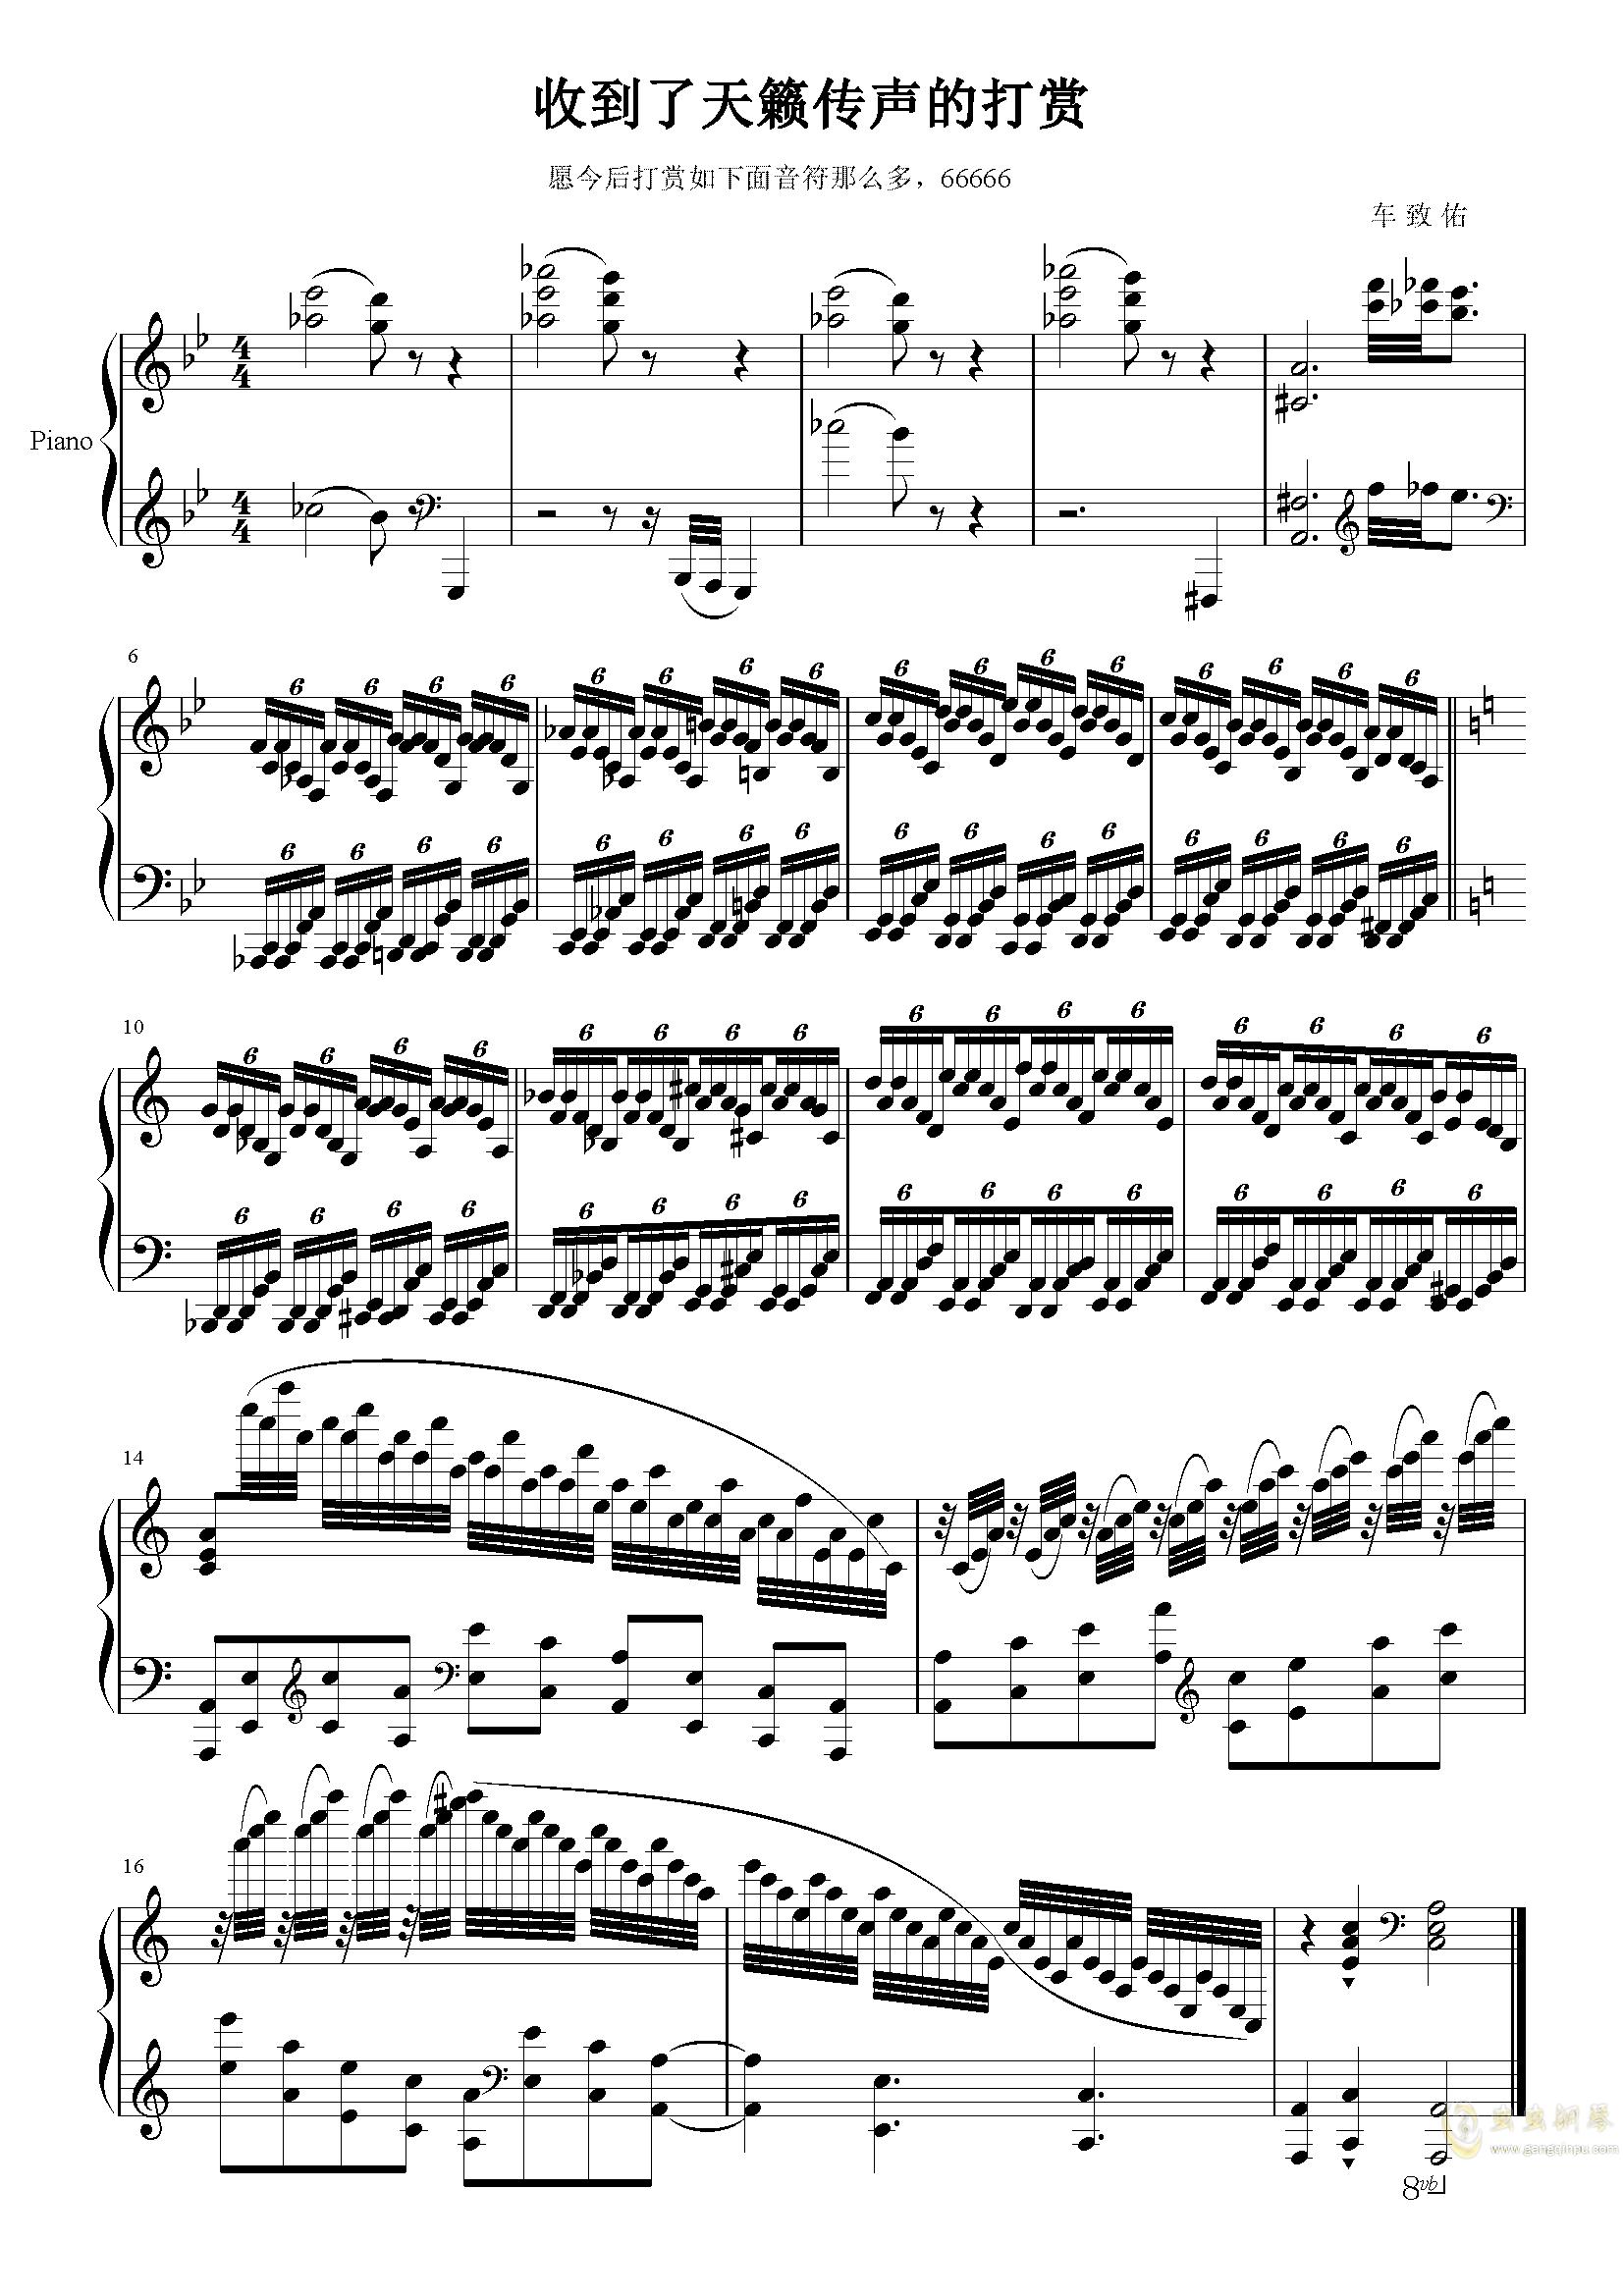 收到了天籁传声的打赏钢琴谱 第1页